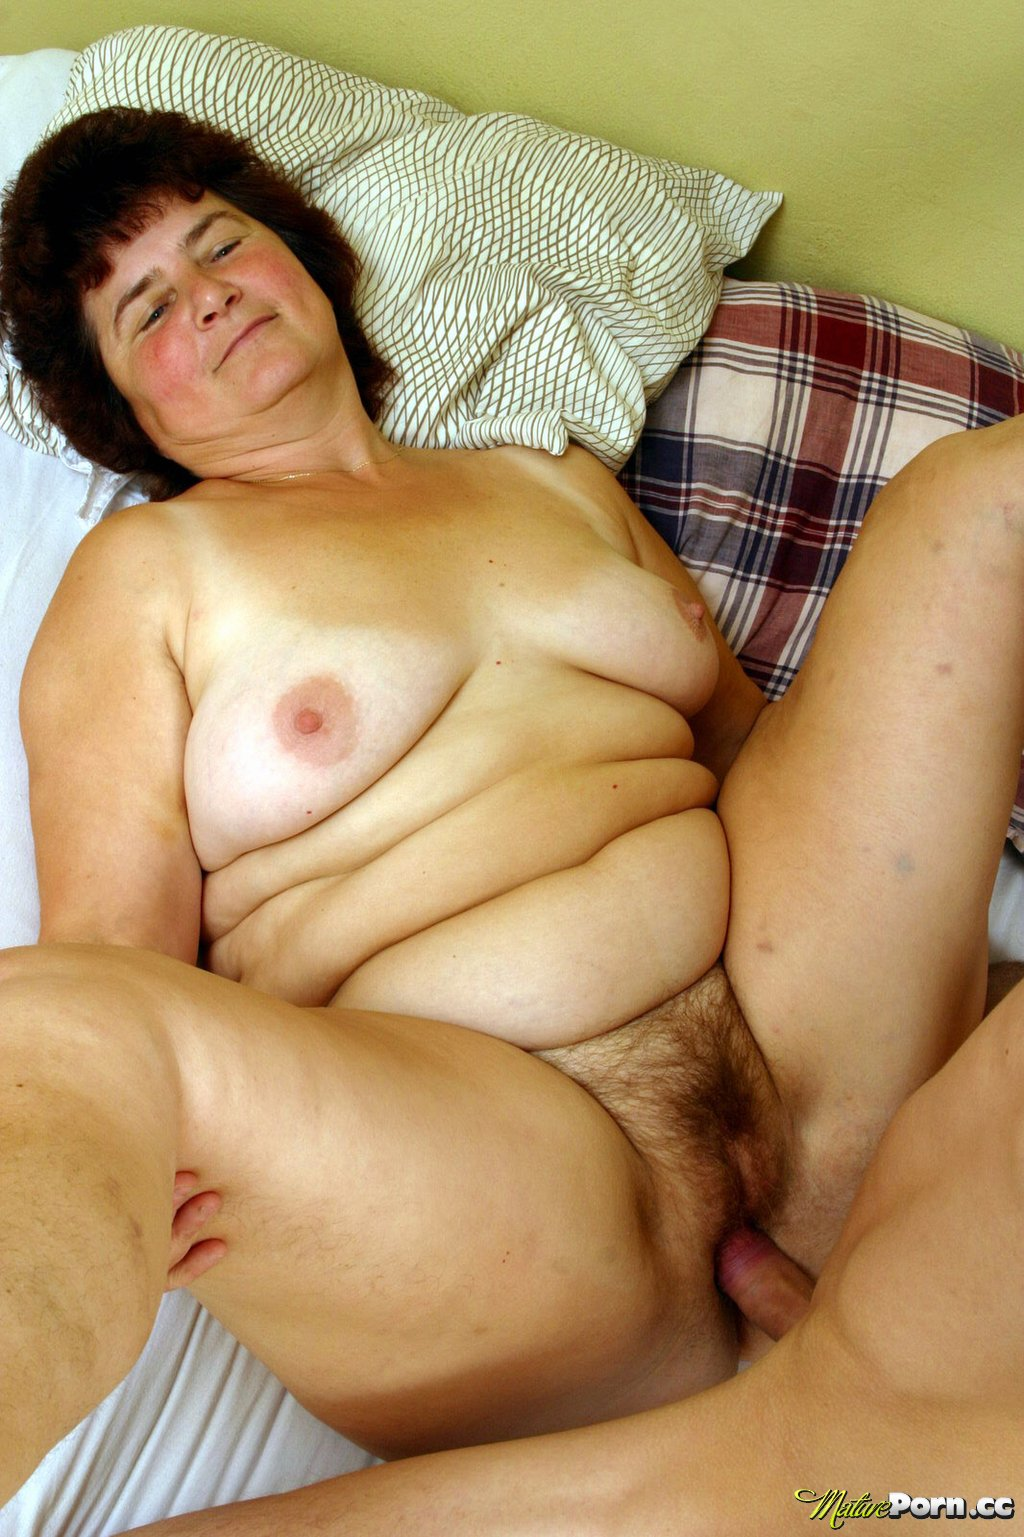 Granny porn vid